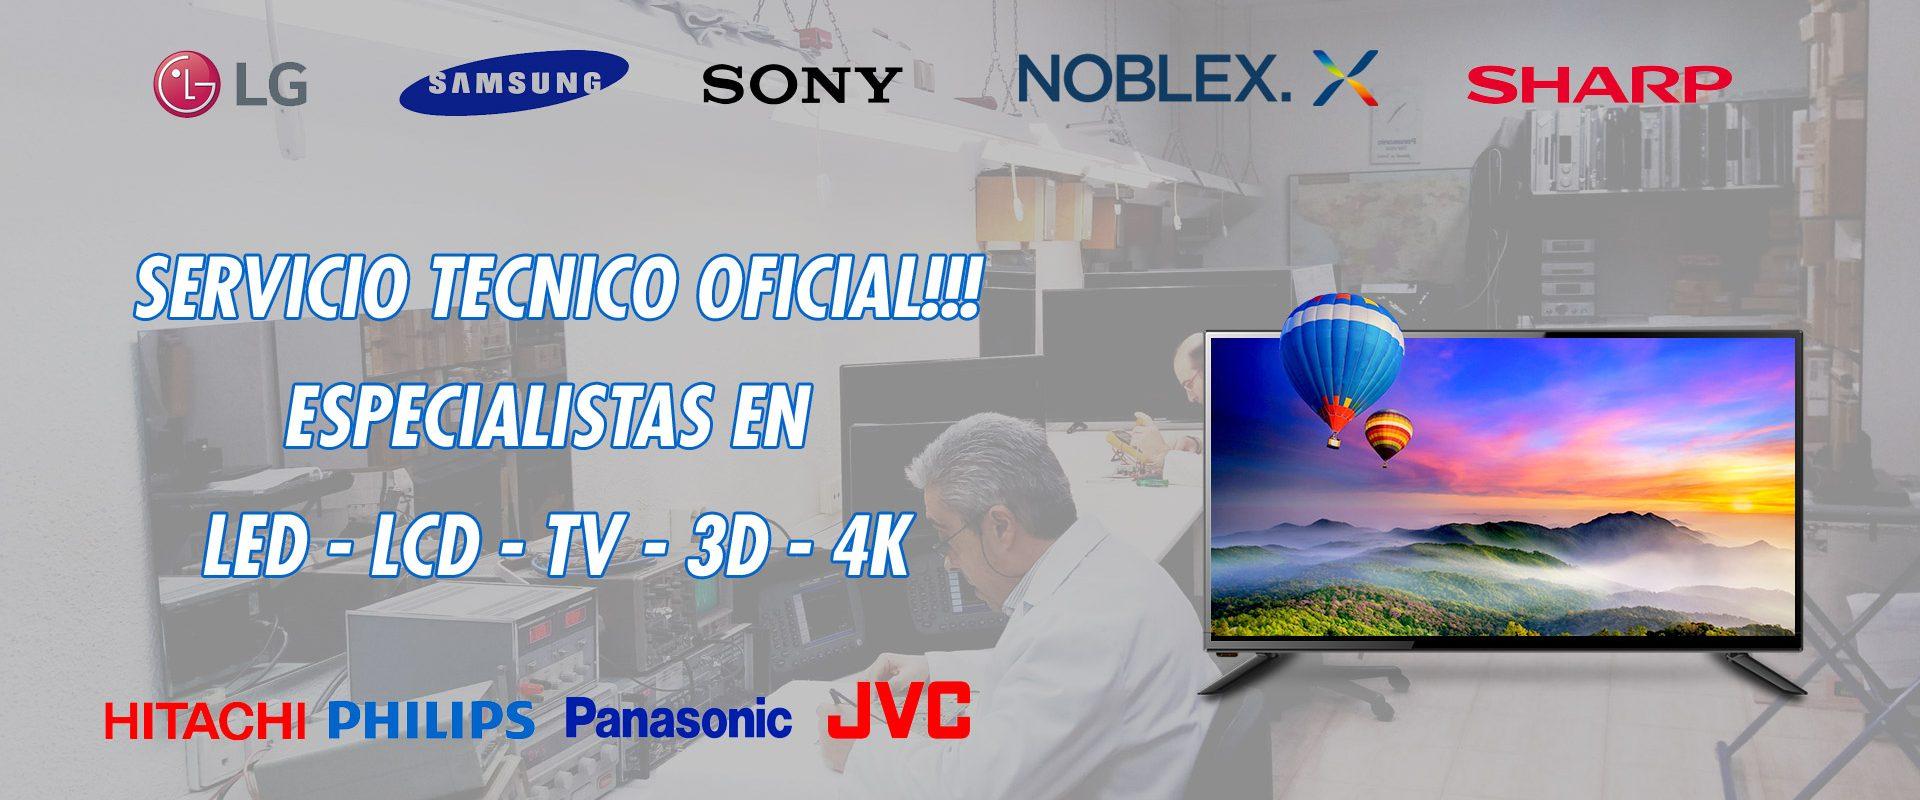 Servicio tecnico oficial LCD, LED, 3D, 4K, Aire acondicionados, lavarropas